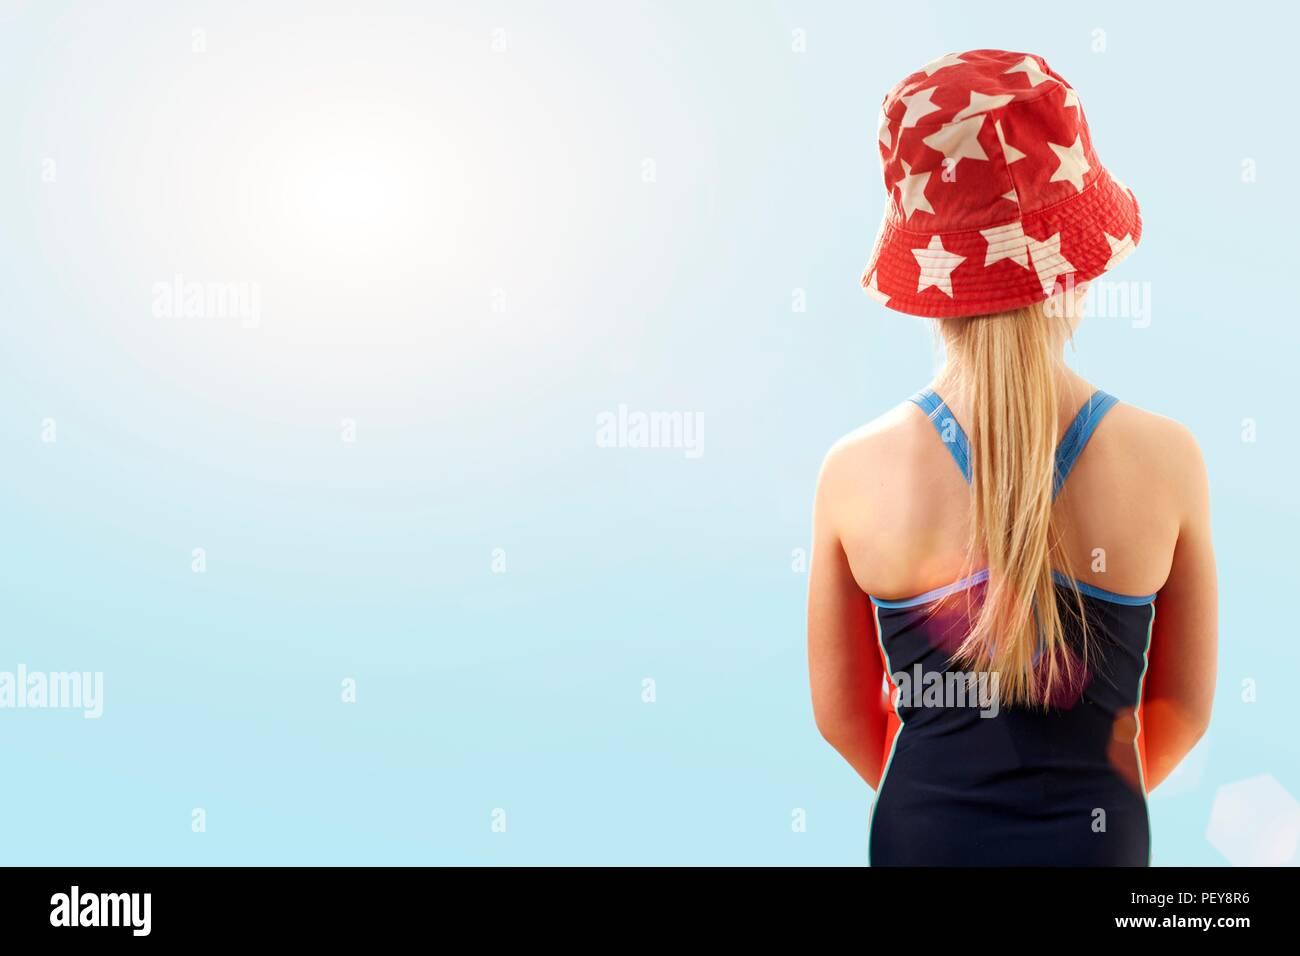 Ragazza di indossare il costume da bagno e cappello, vista posteriore. Immagini Stock